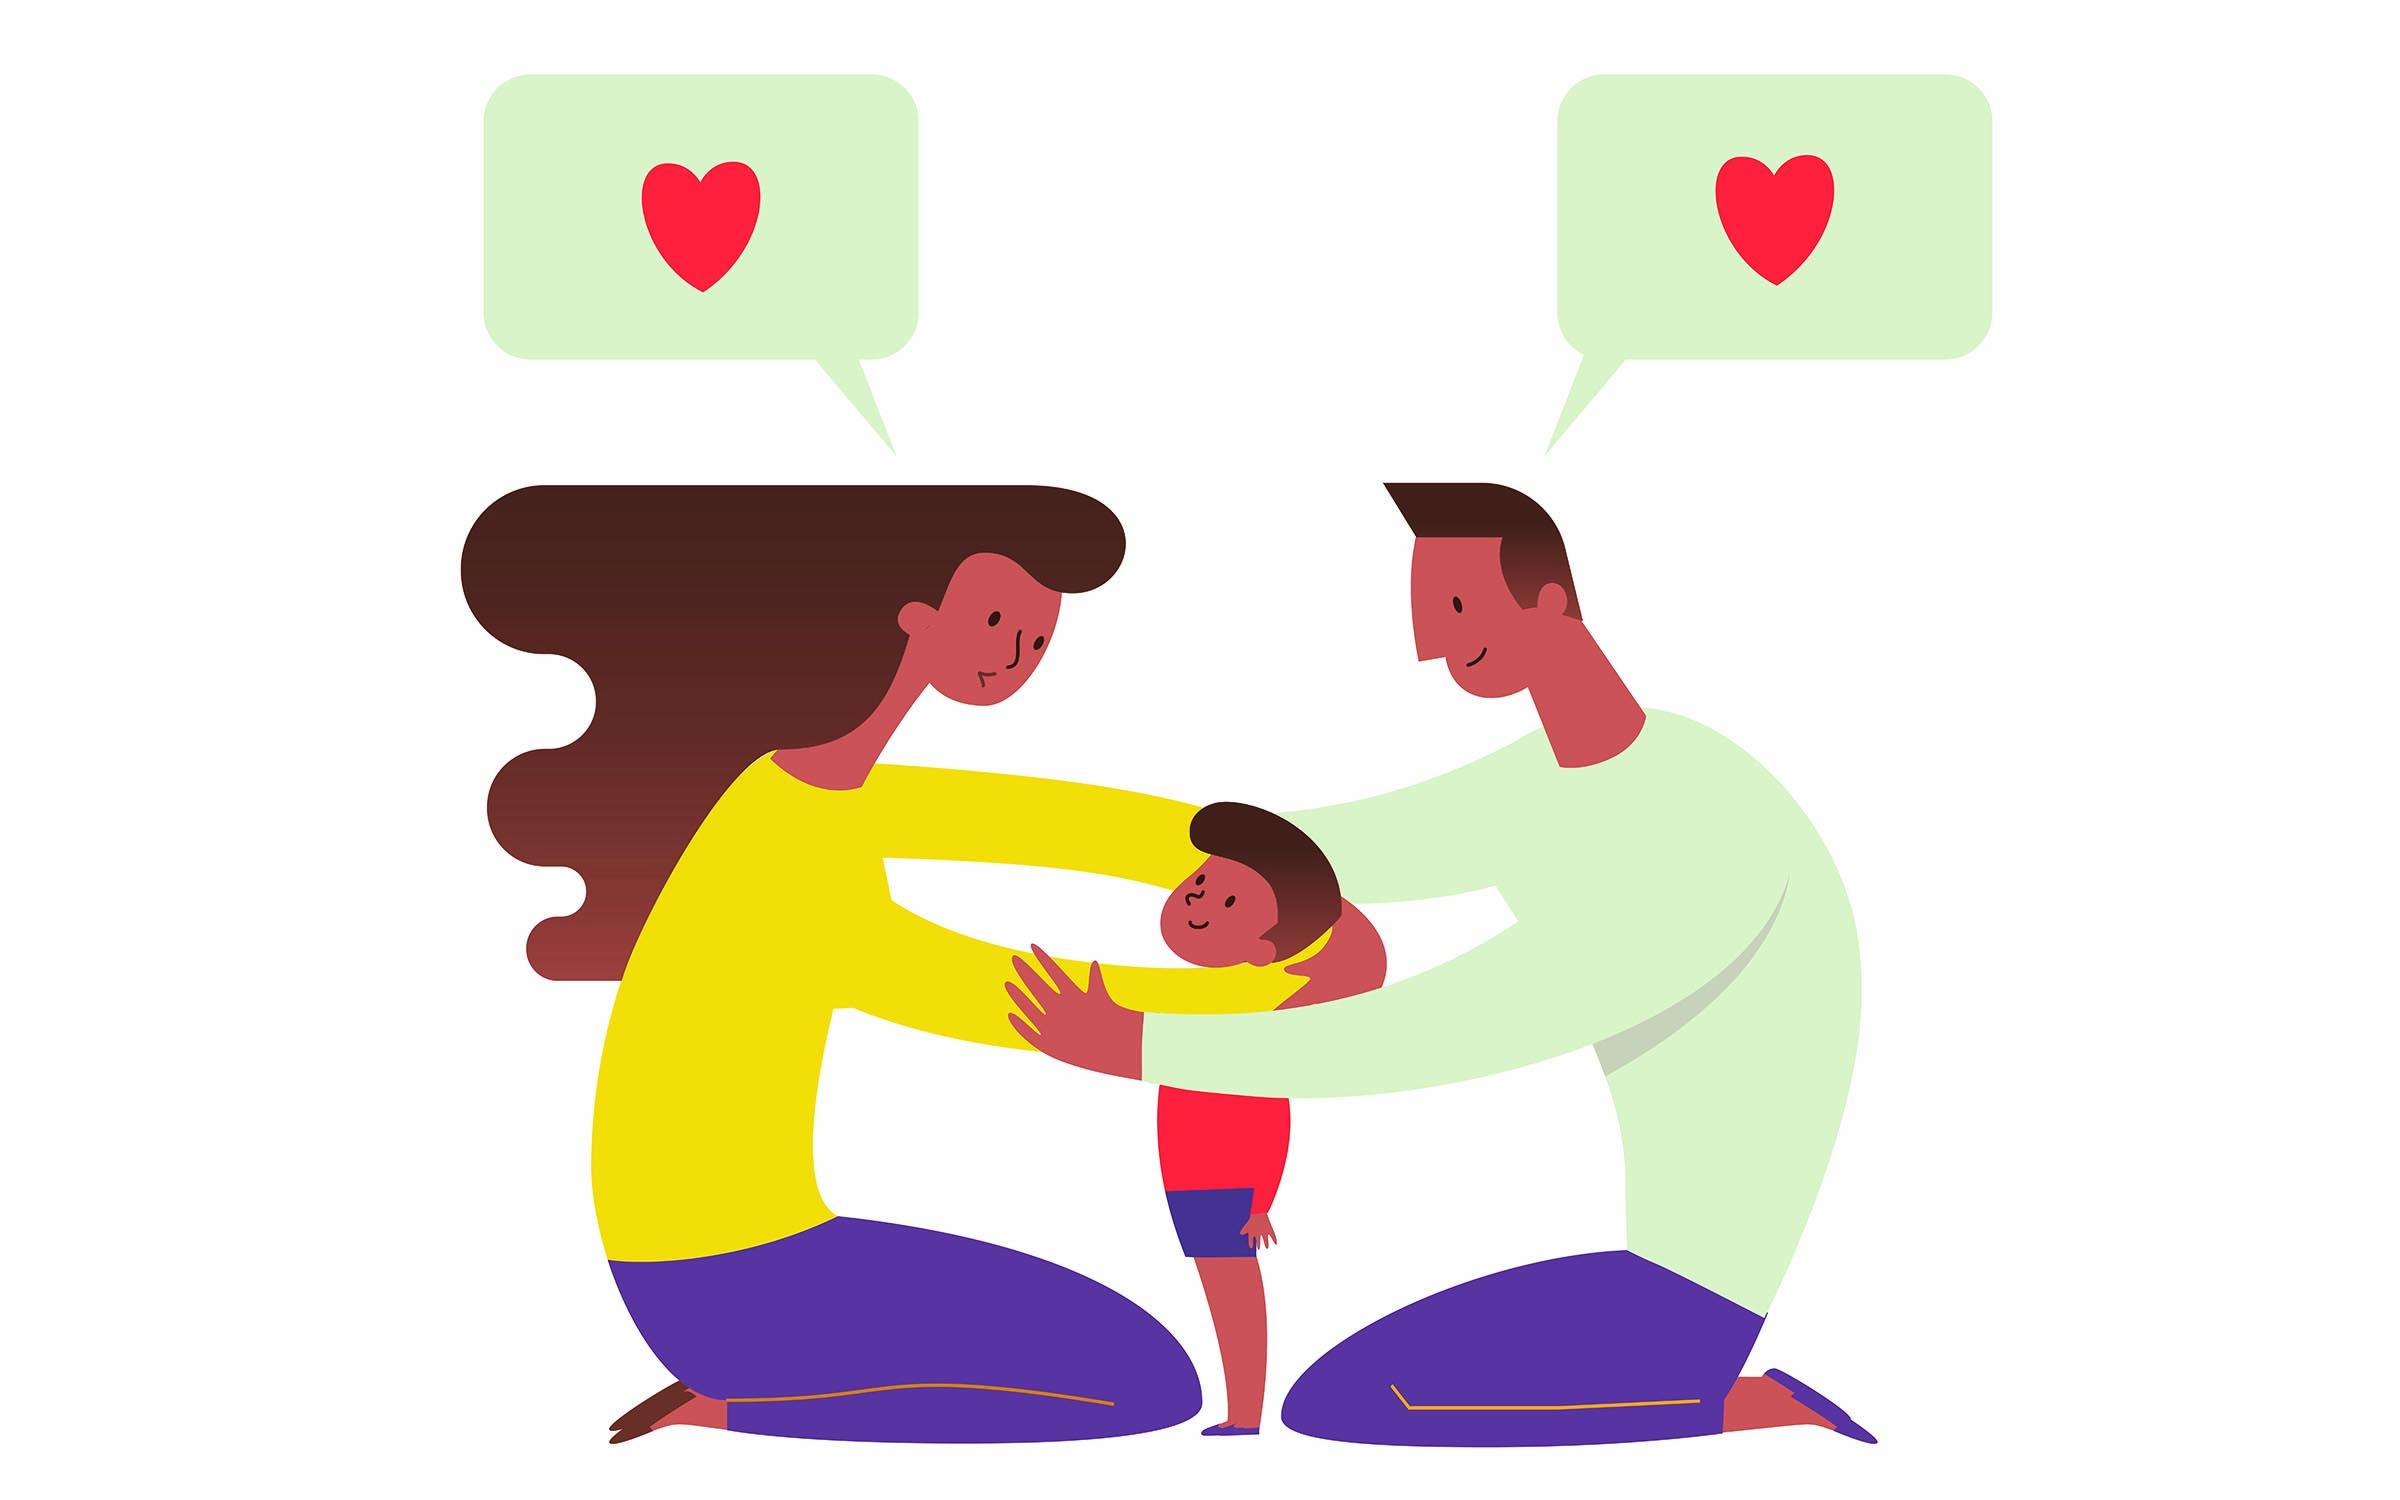 Parents compassion